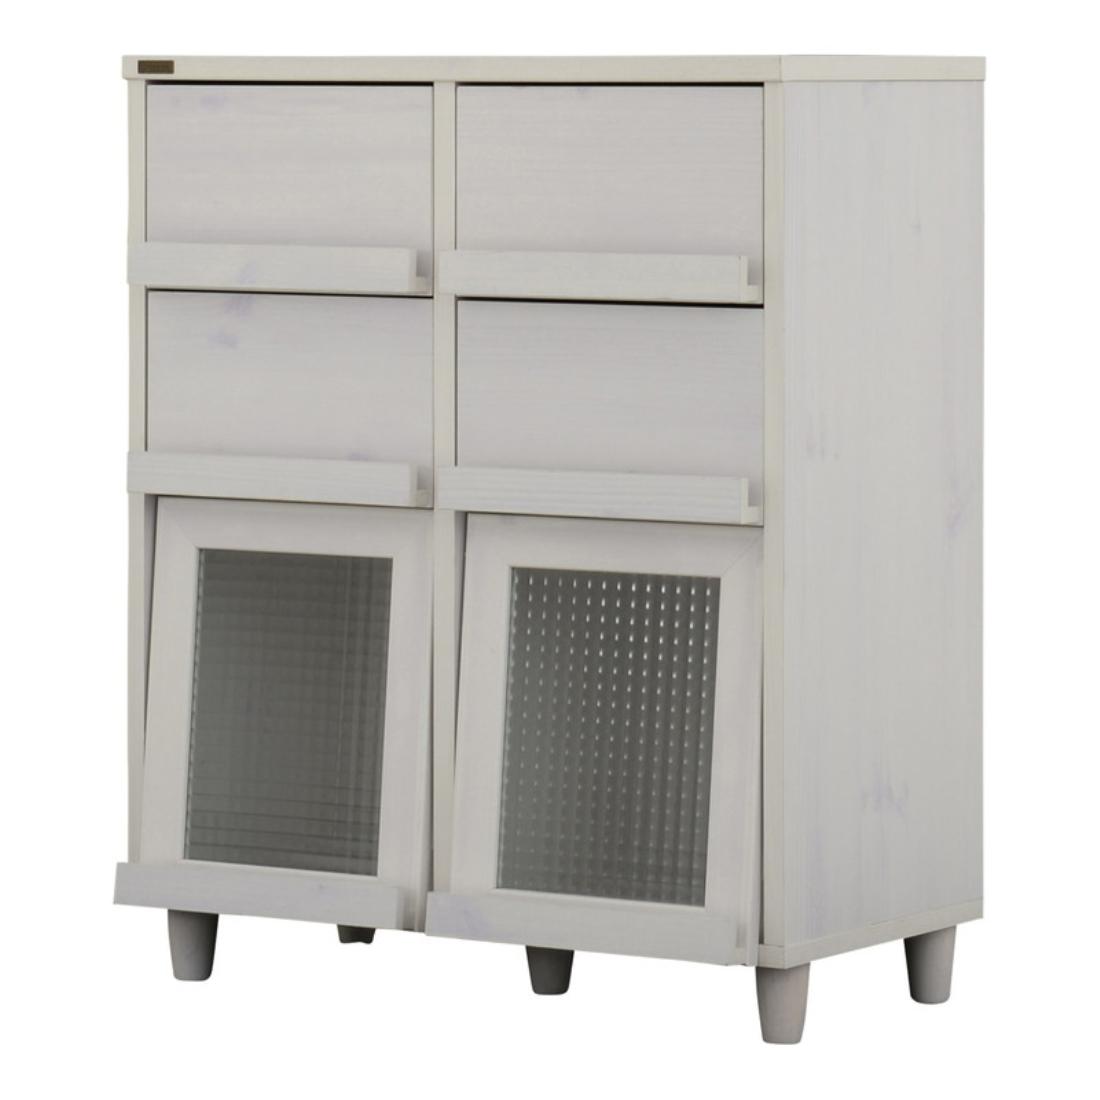 送料無料 オシャレ 家具 飾り 収納 飾り戸棚 NEFLAS(ネフラス)引出し付きディスプレイラック(75cm幅)WH/BR オシャレ